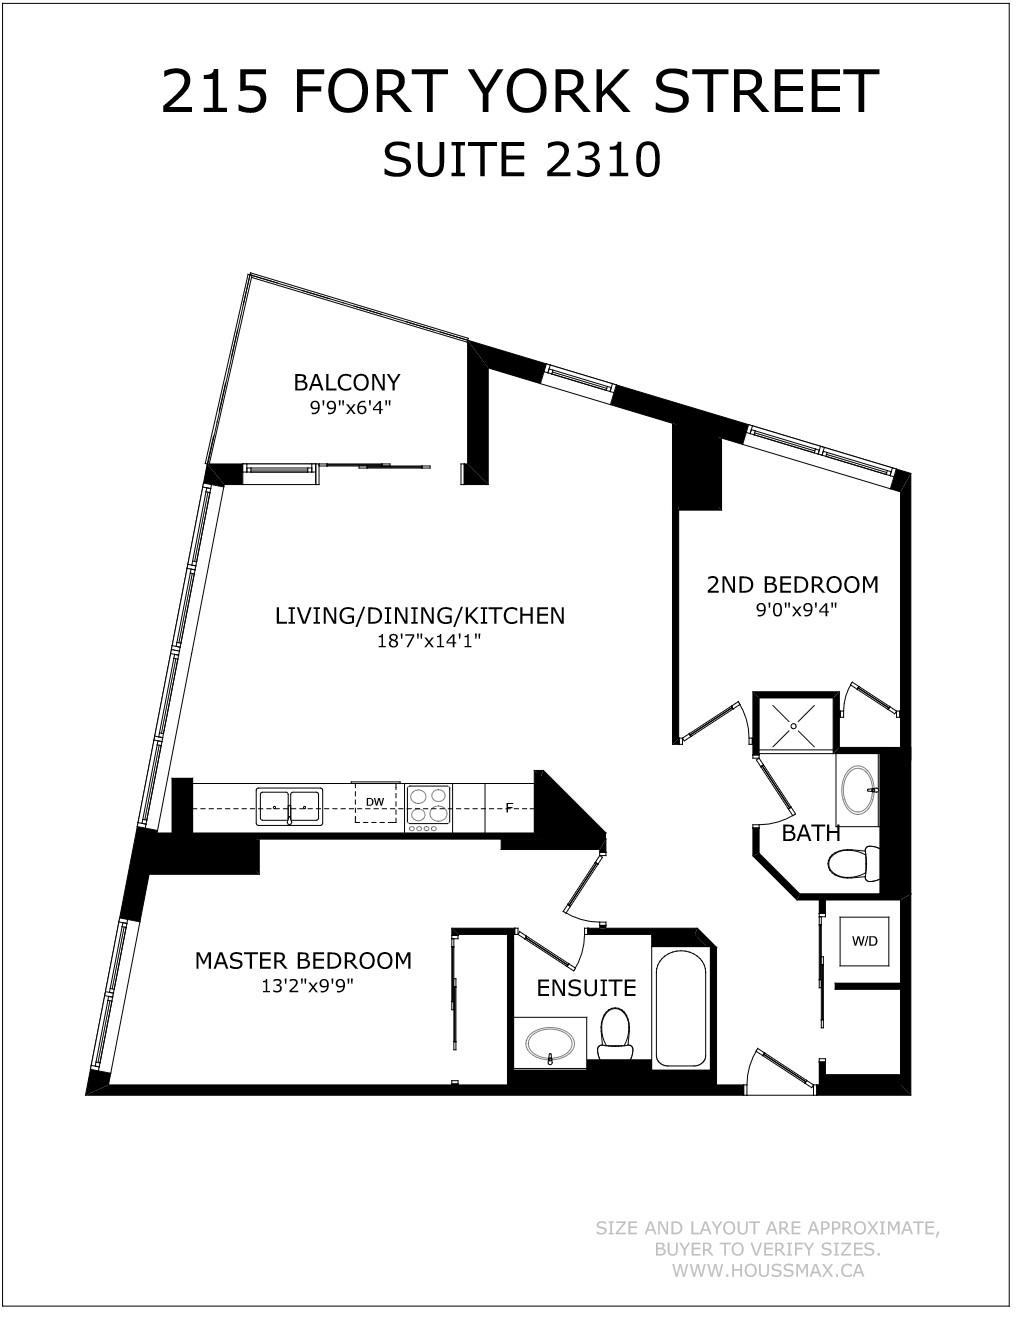 Floor plans for 215 Fort York Blvd Unit 2310.